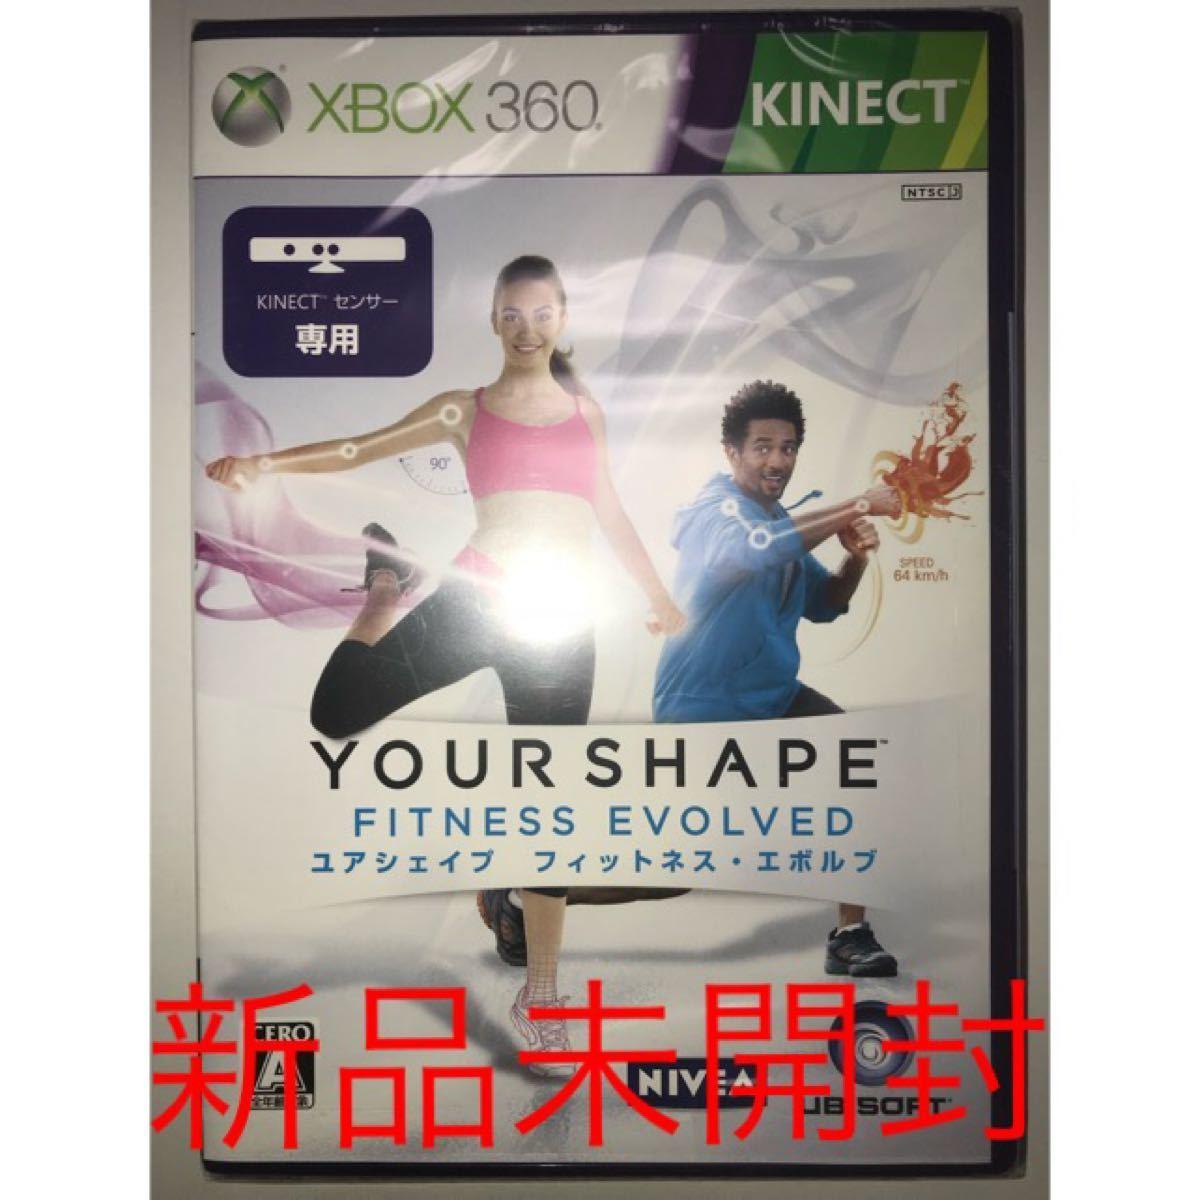 【新品未開封】ユアシェイプ フィットネス・エボルブ【Xbox360ゲームソフト】